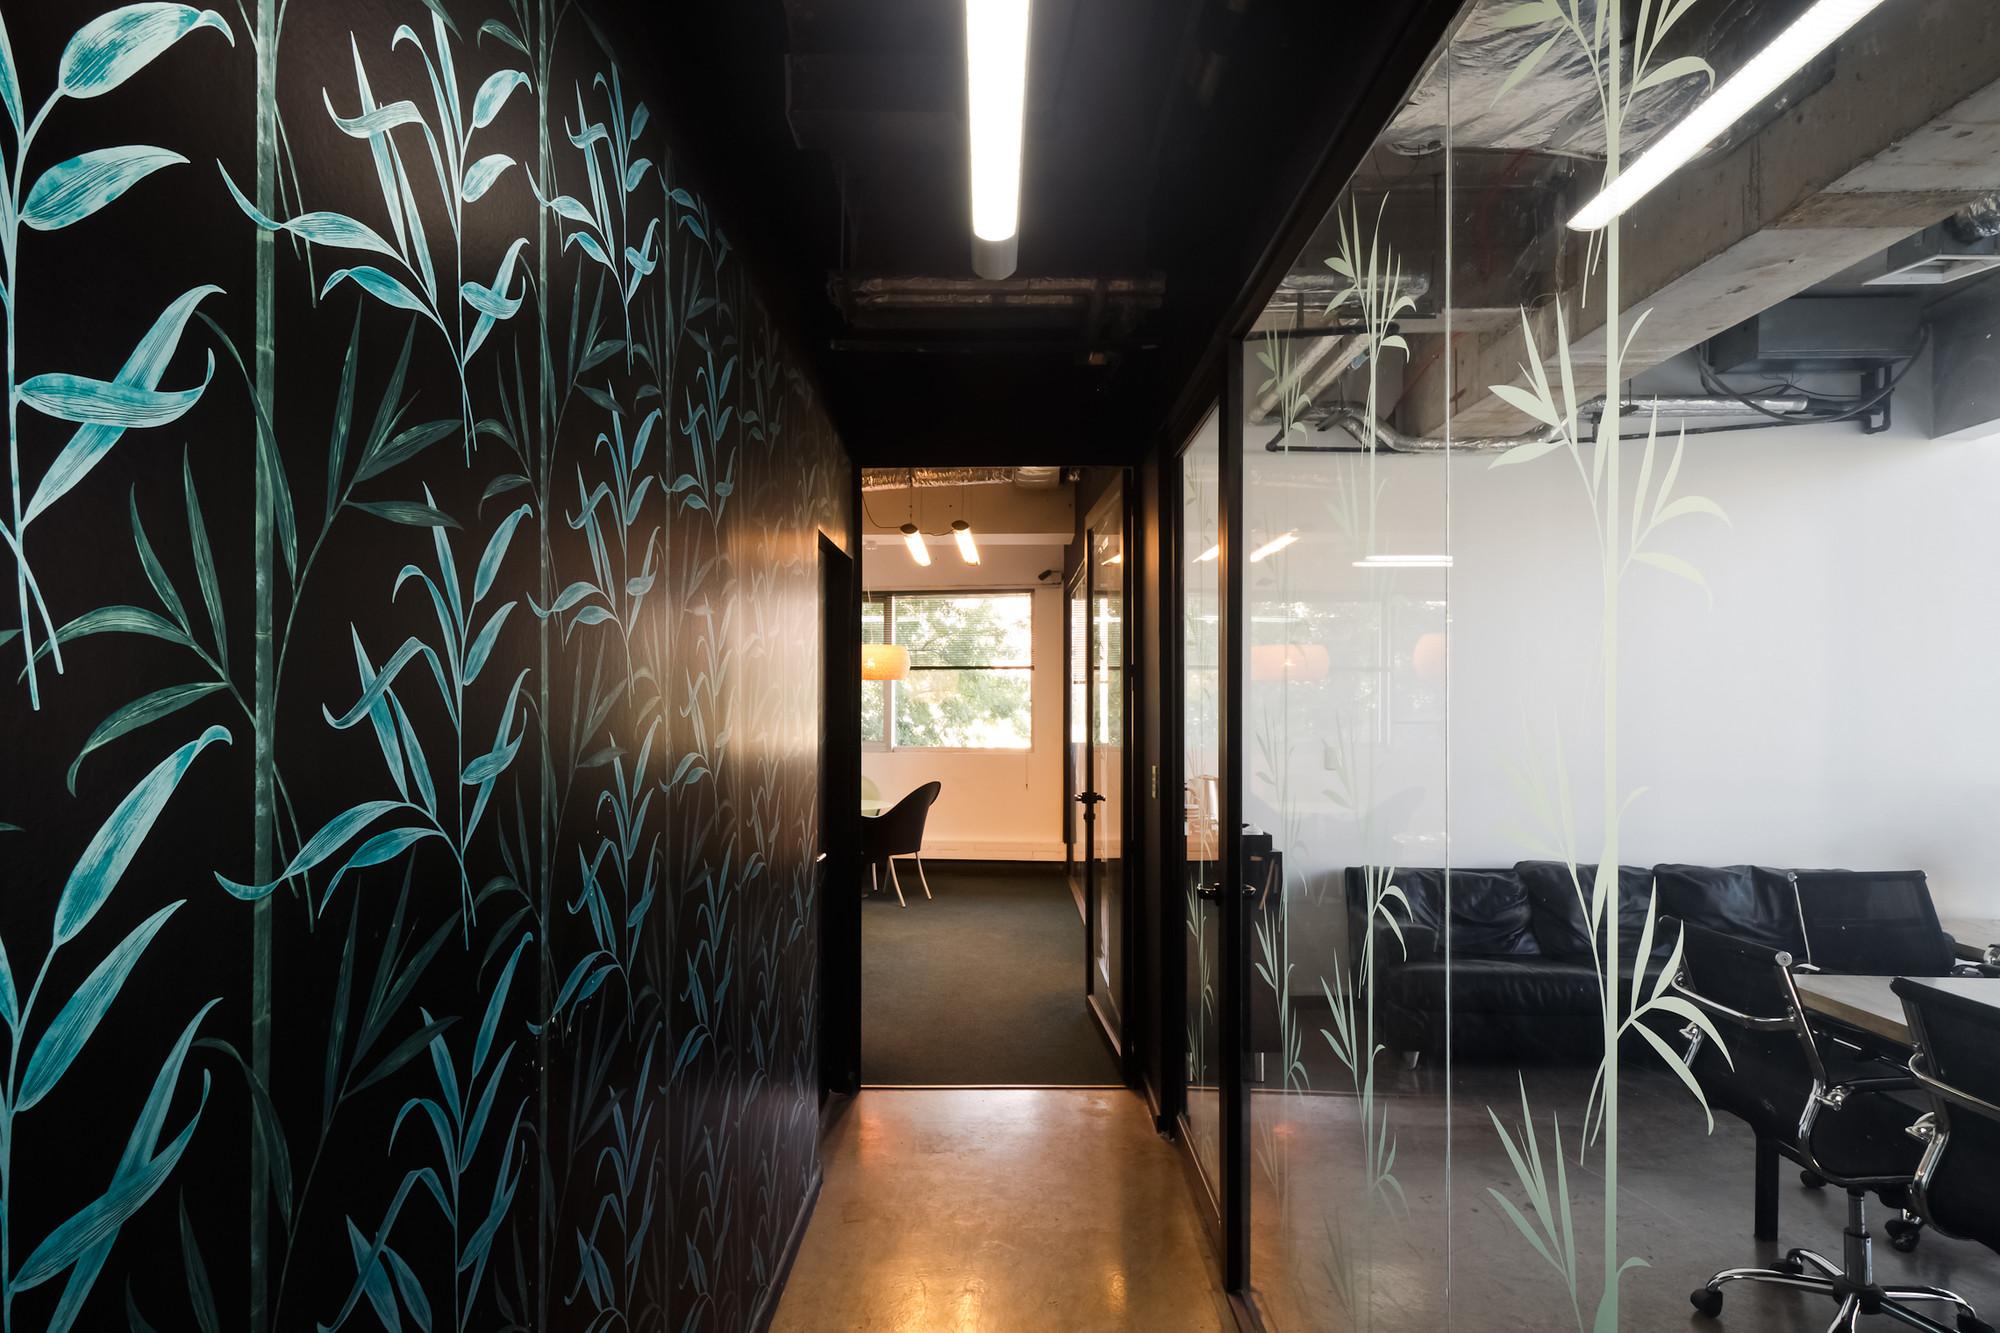 Oficinas Cinemágica / DX Arquitectos, © Pablo Blanco Barros